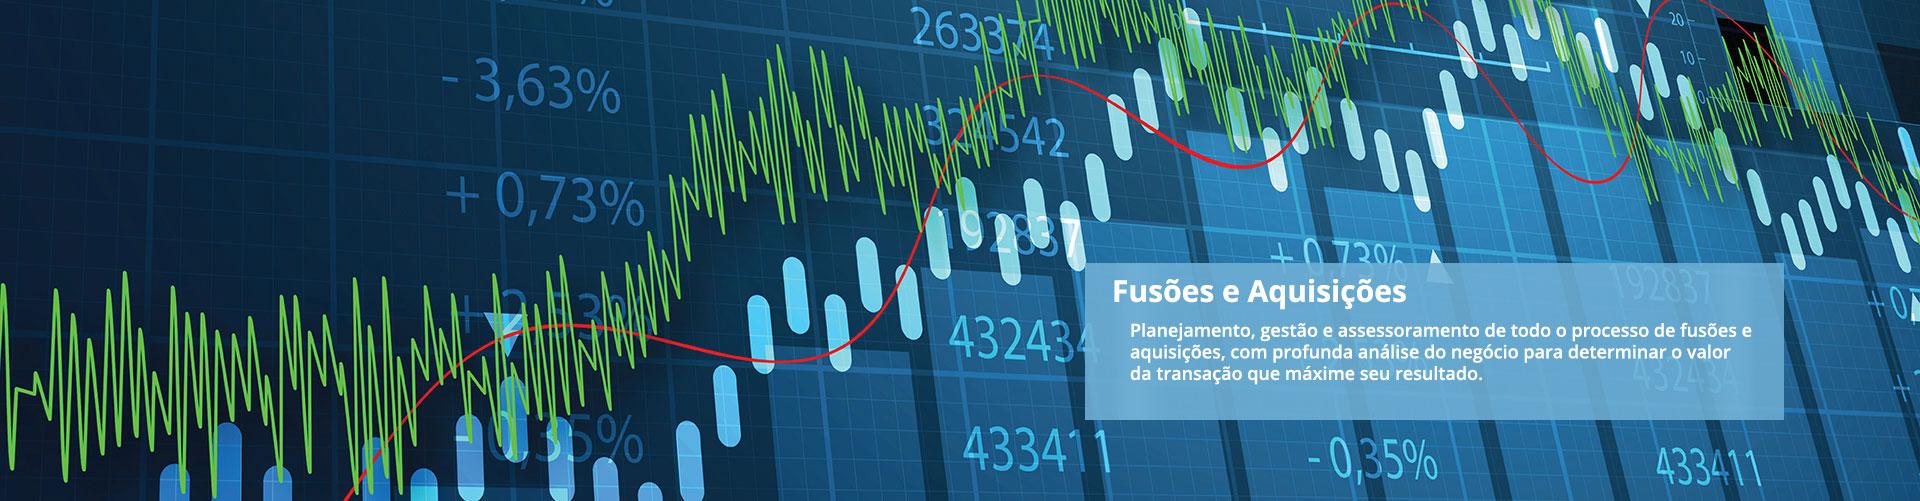 fusao_aquisicao_excelia_alta_1920x501px-2